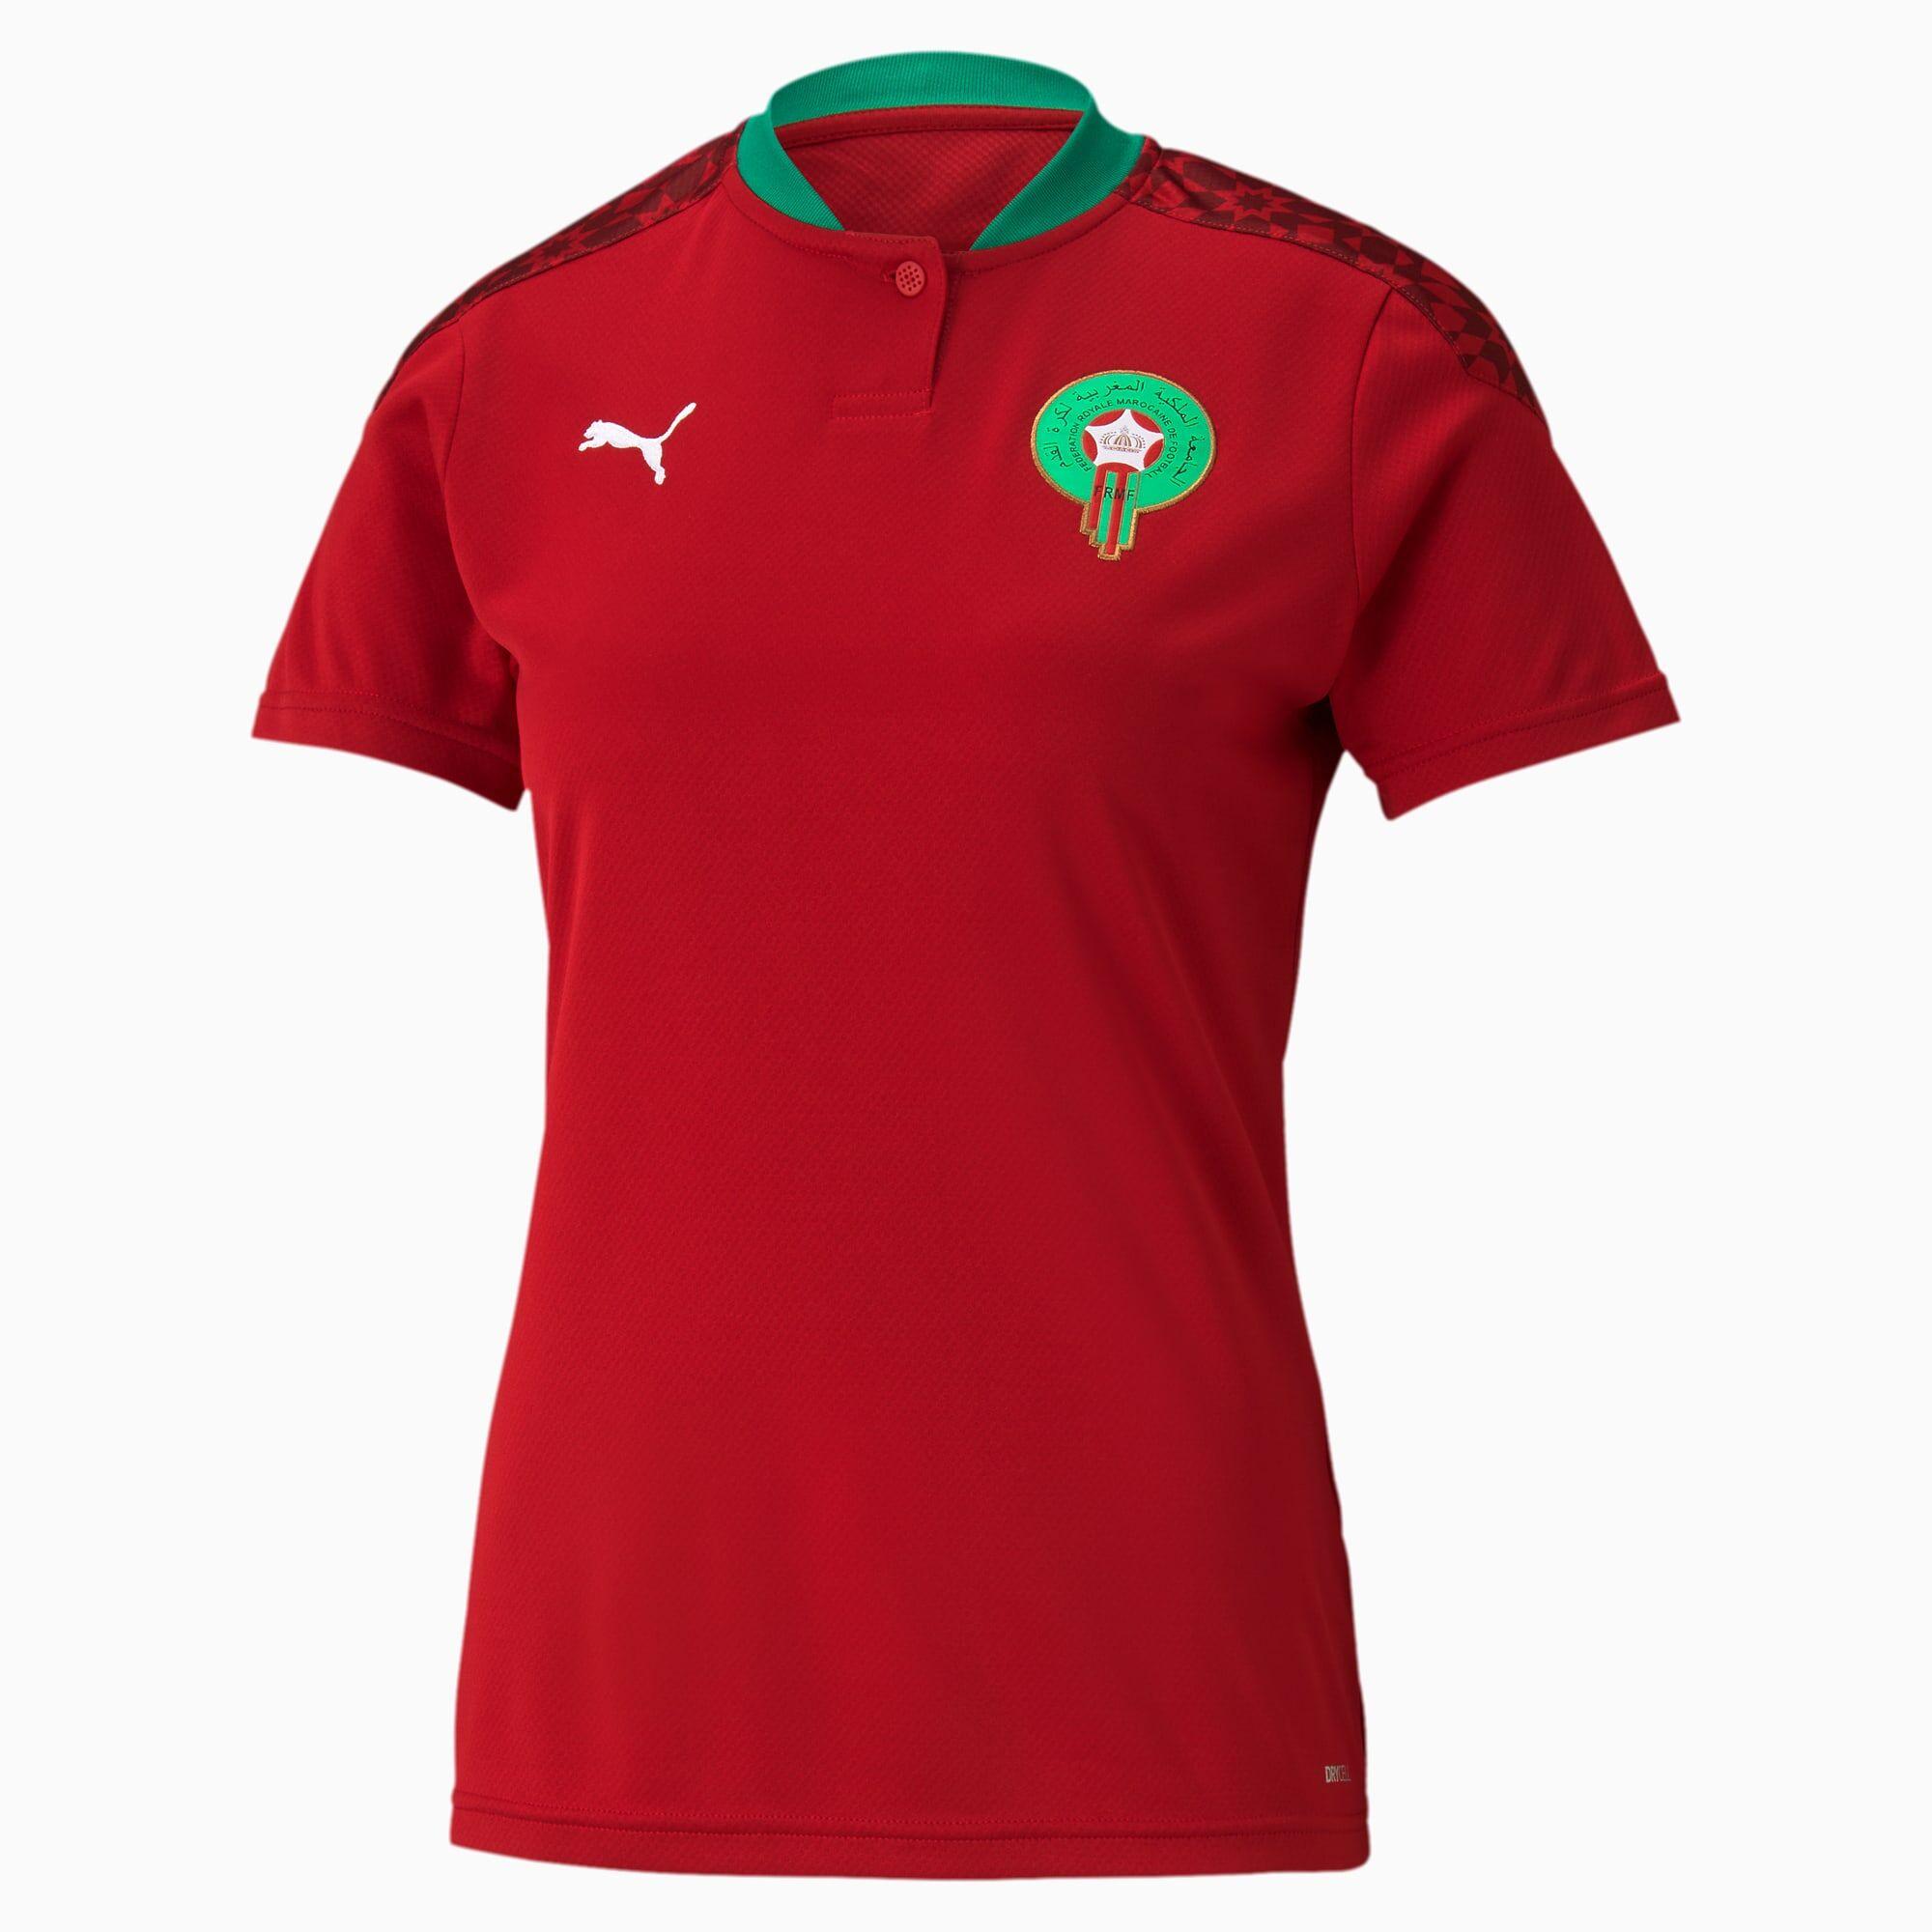 PUMA Maillot domicile Maroc Replica, Rouge/Blanc, Taille L, Vêtements